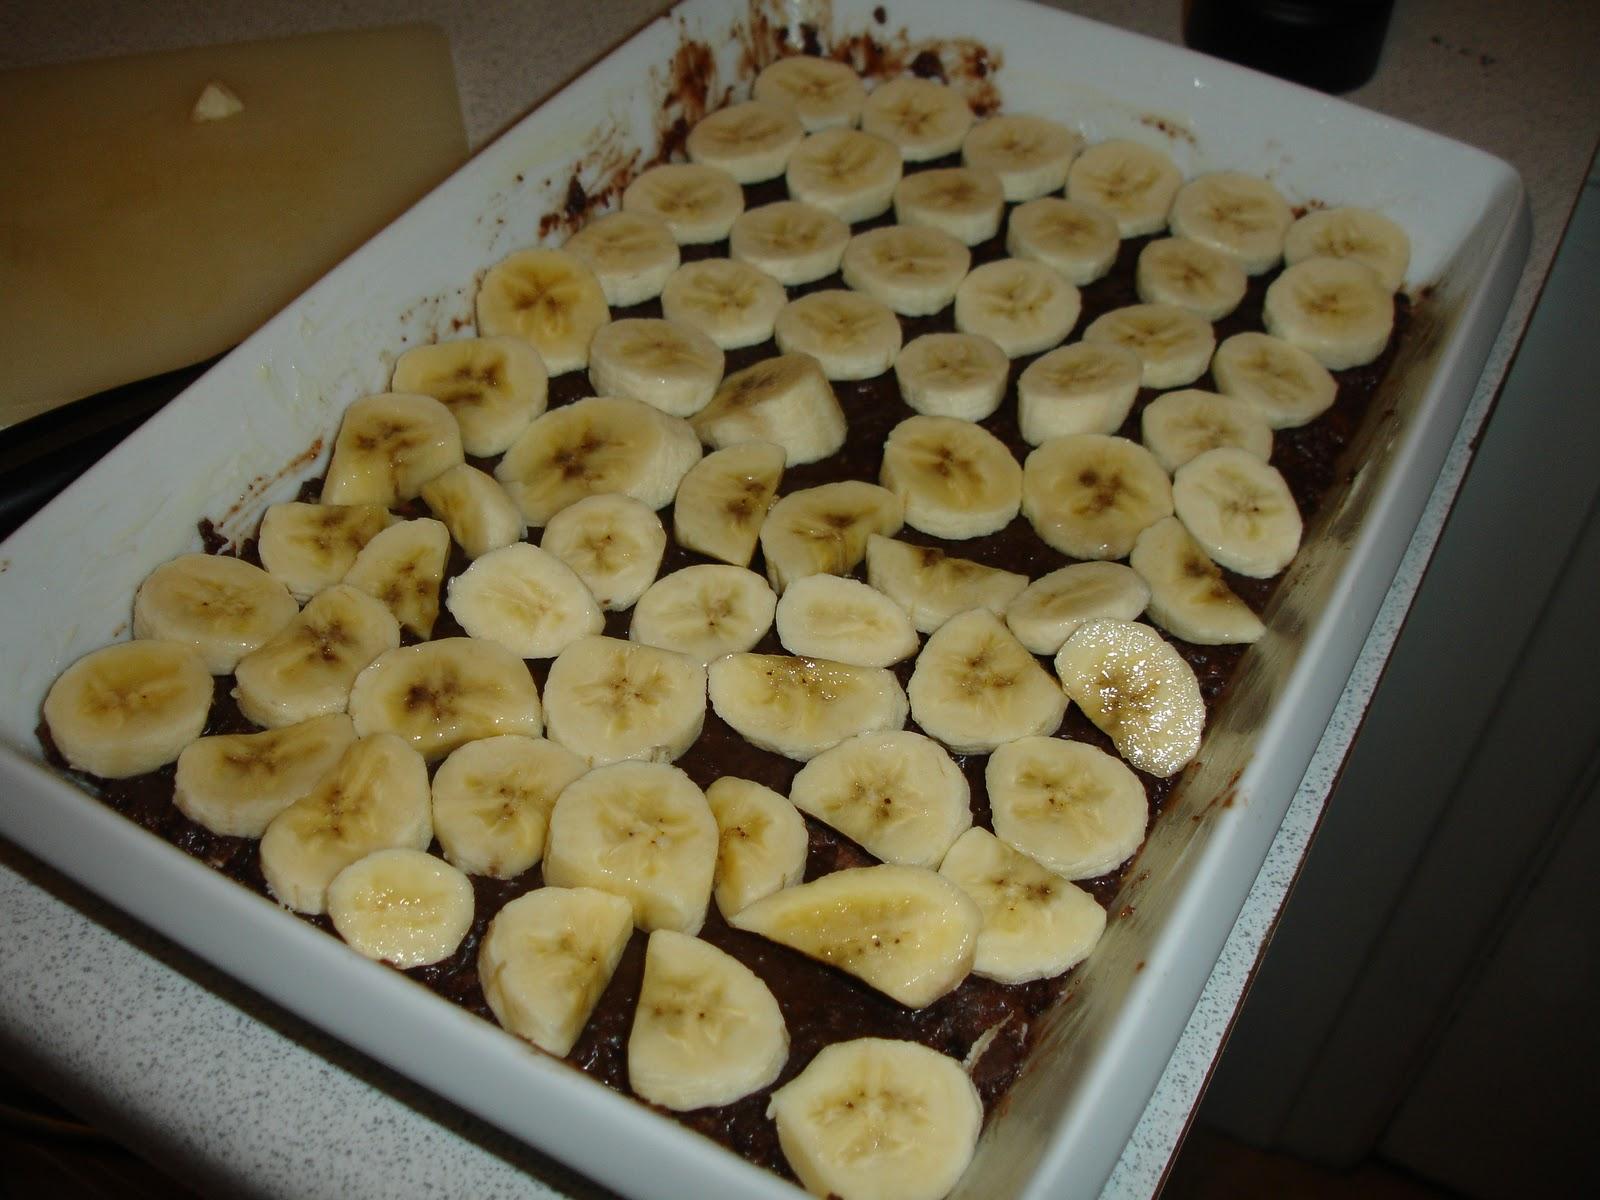 Chokolade-banoffee tærte